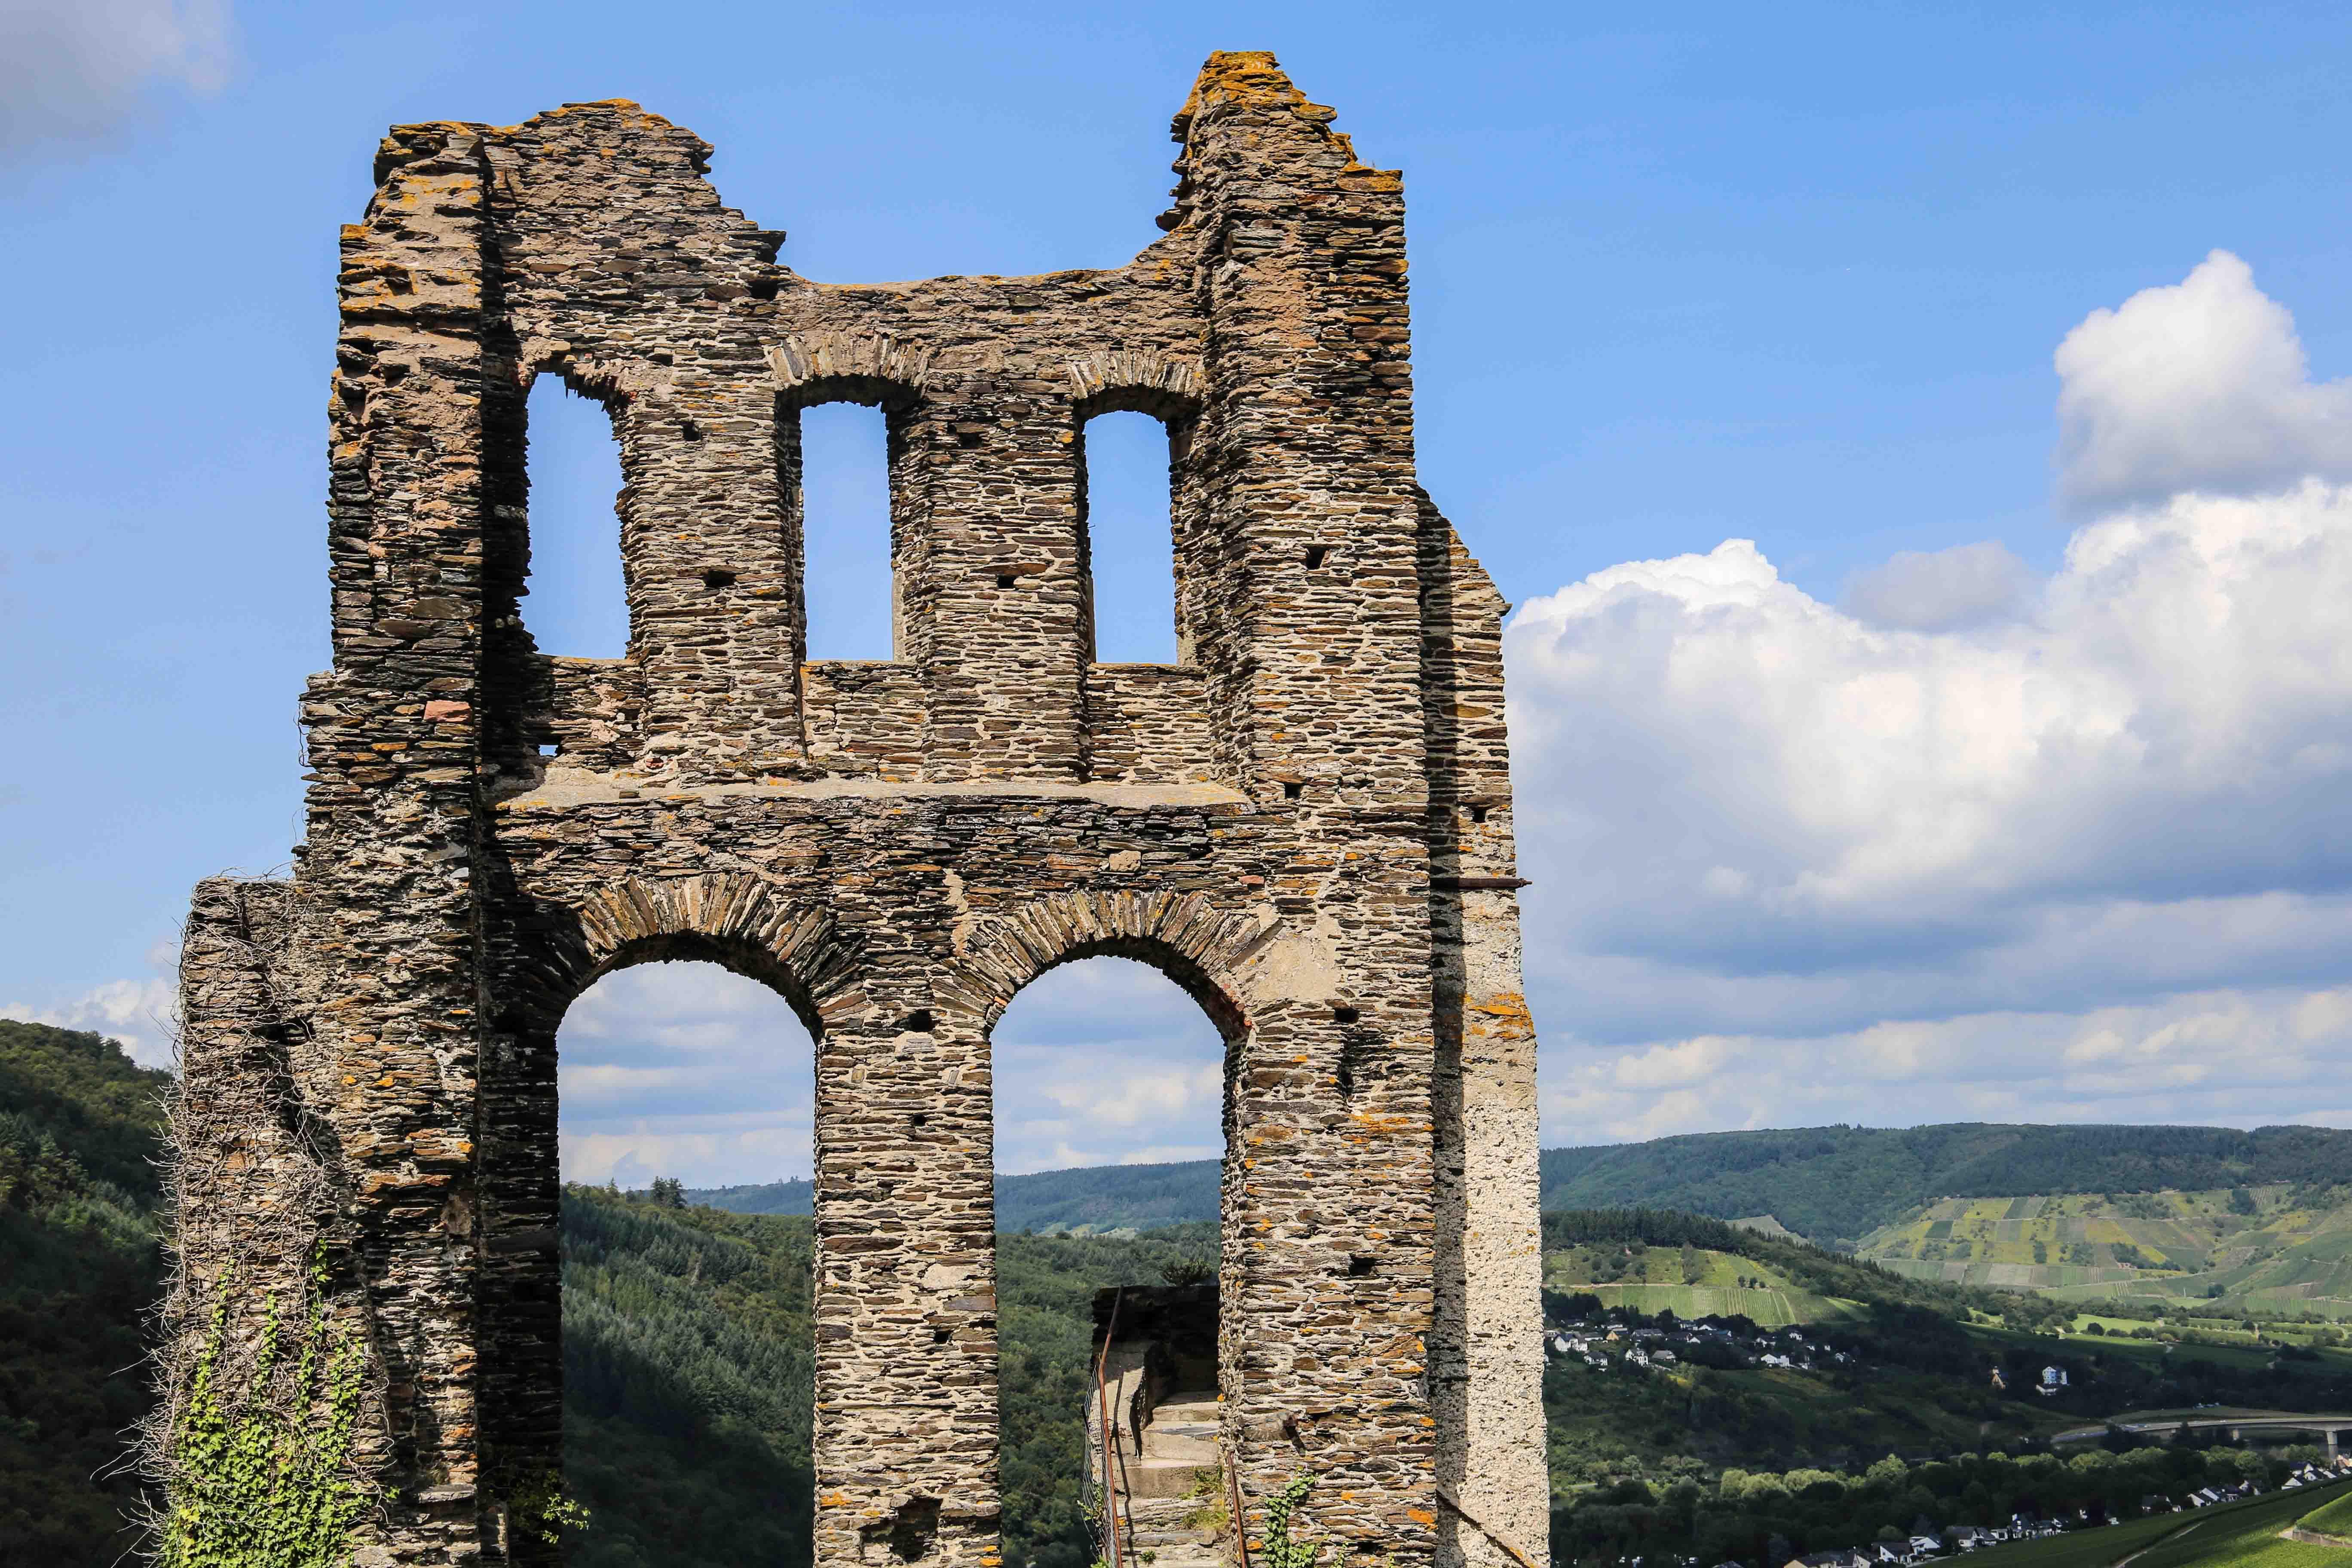 urlaub-mosel-regio-auszeit-romantik-jugendstilhotel-bellevue-traben-trarbach-deutschland-blogger_8892